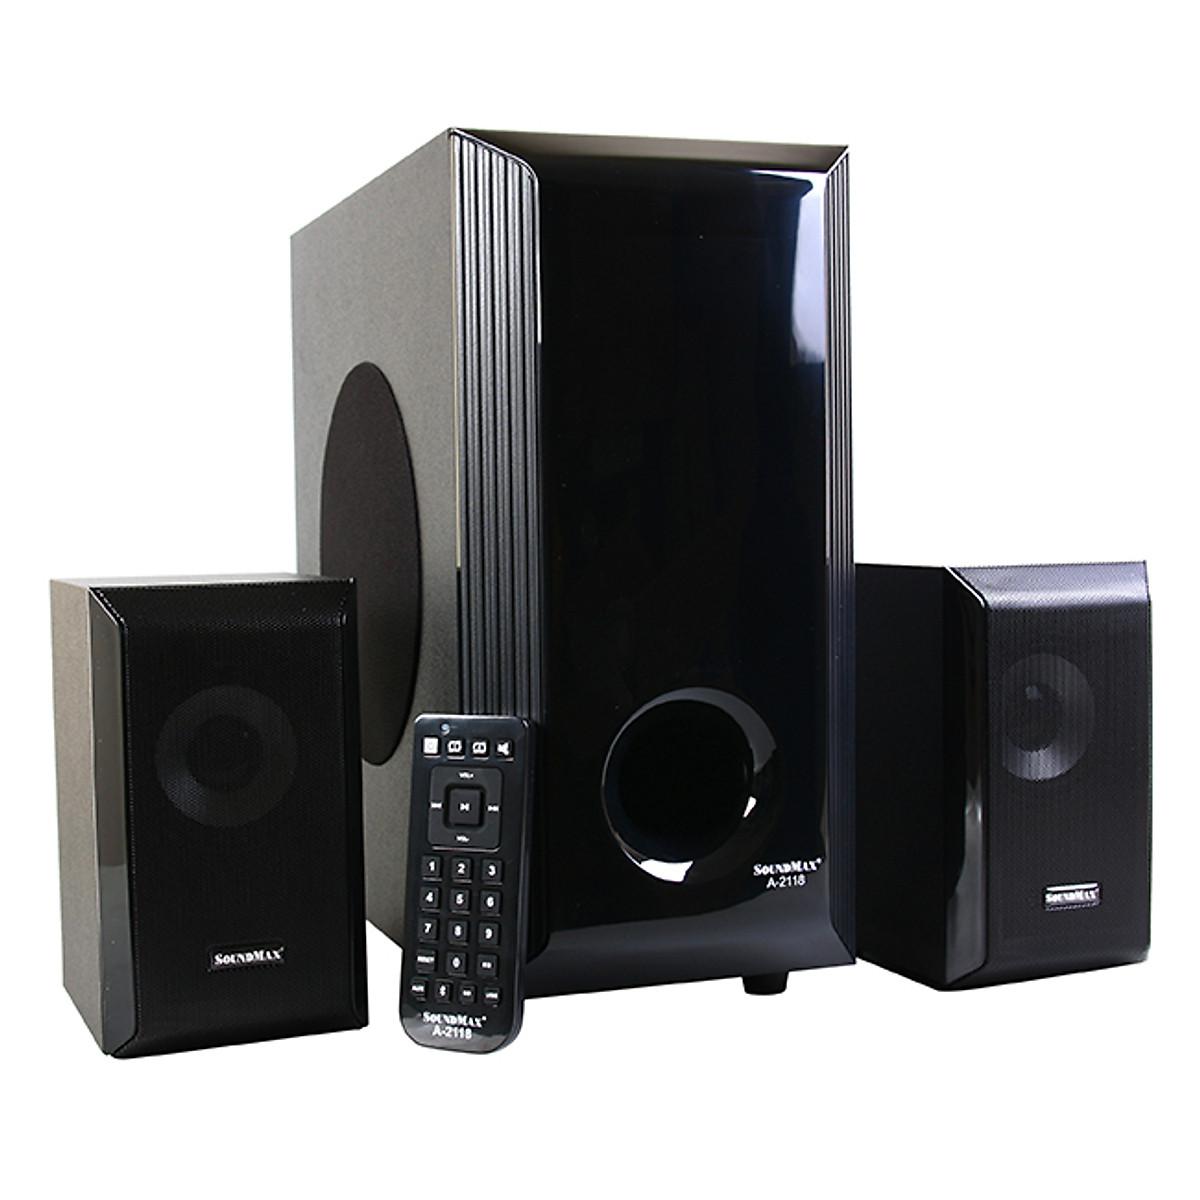 Loa Vi Tính SoundMax A-2118/2.1 60W Tích Hợp Bluetooth 4.0 – Hàng Chính Hãng